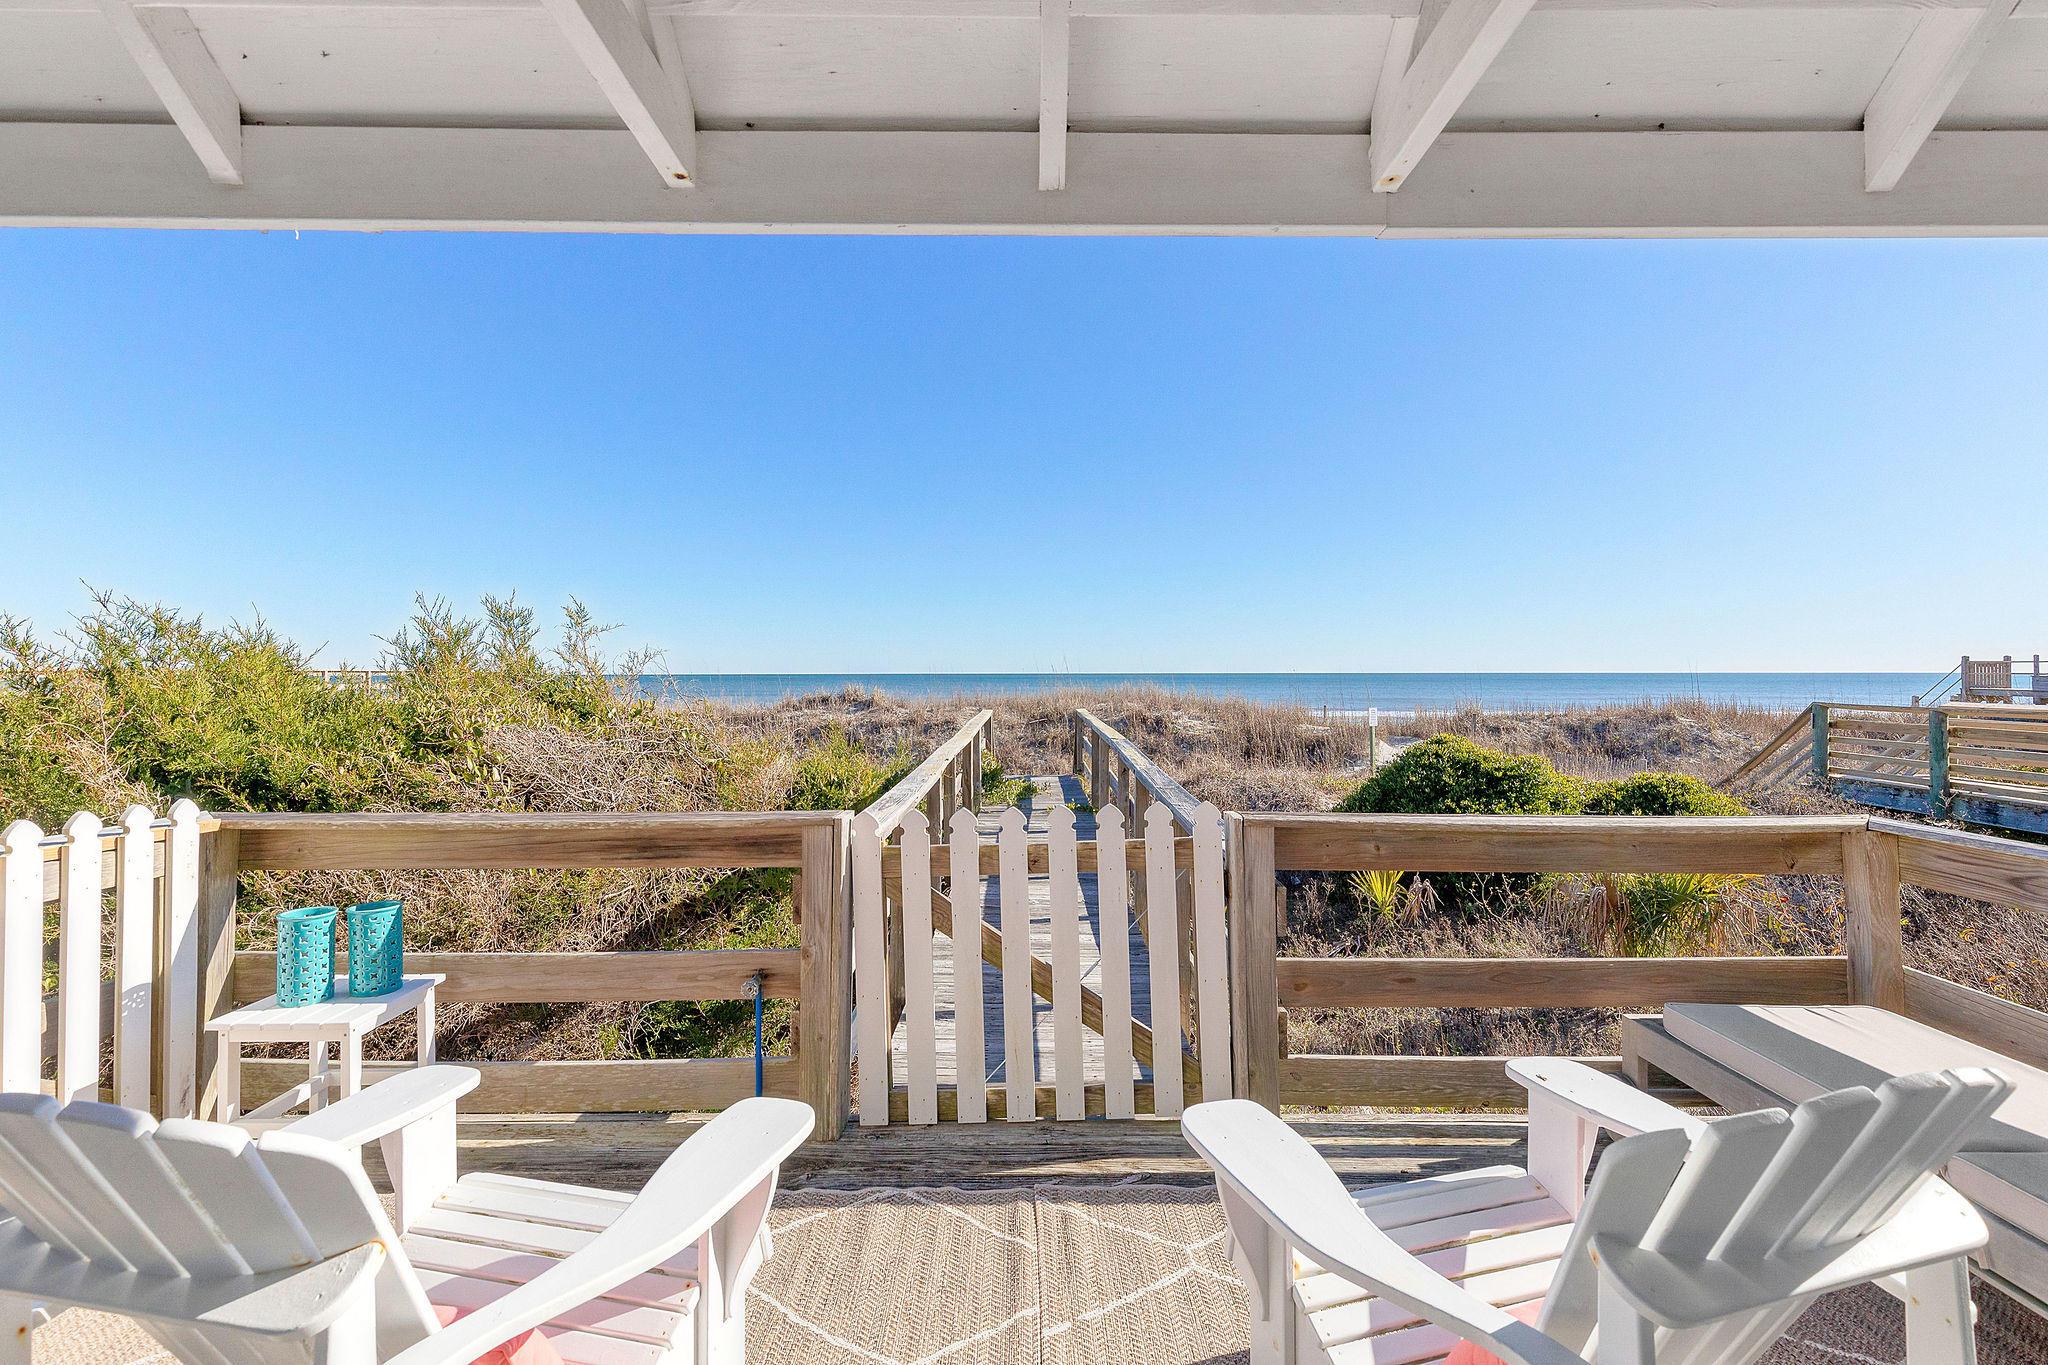 Folly Beach Homes For Sale - 509 Ashley, Folly Beach, SC - 65